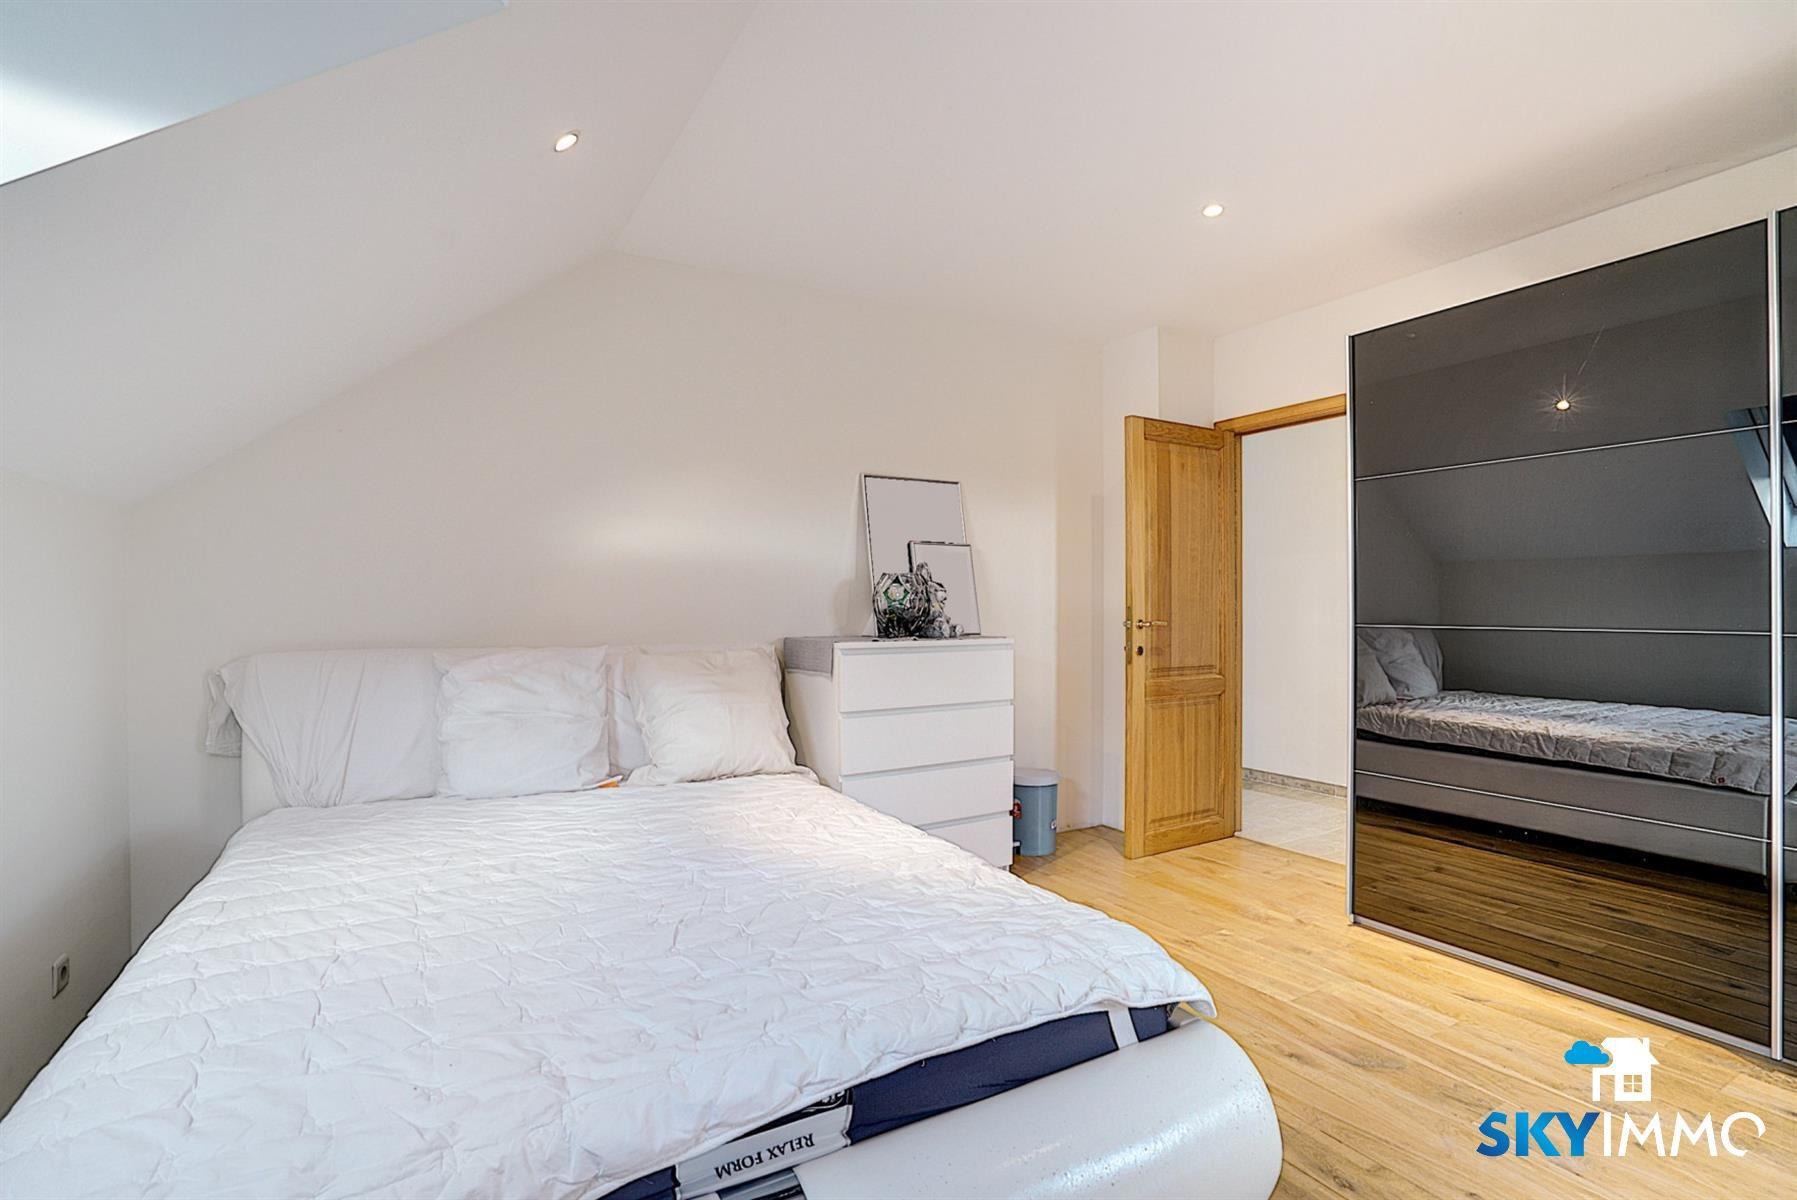 Huis - Boncelles - #4252860-14